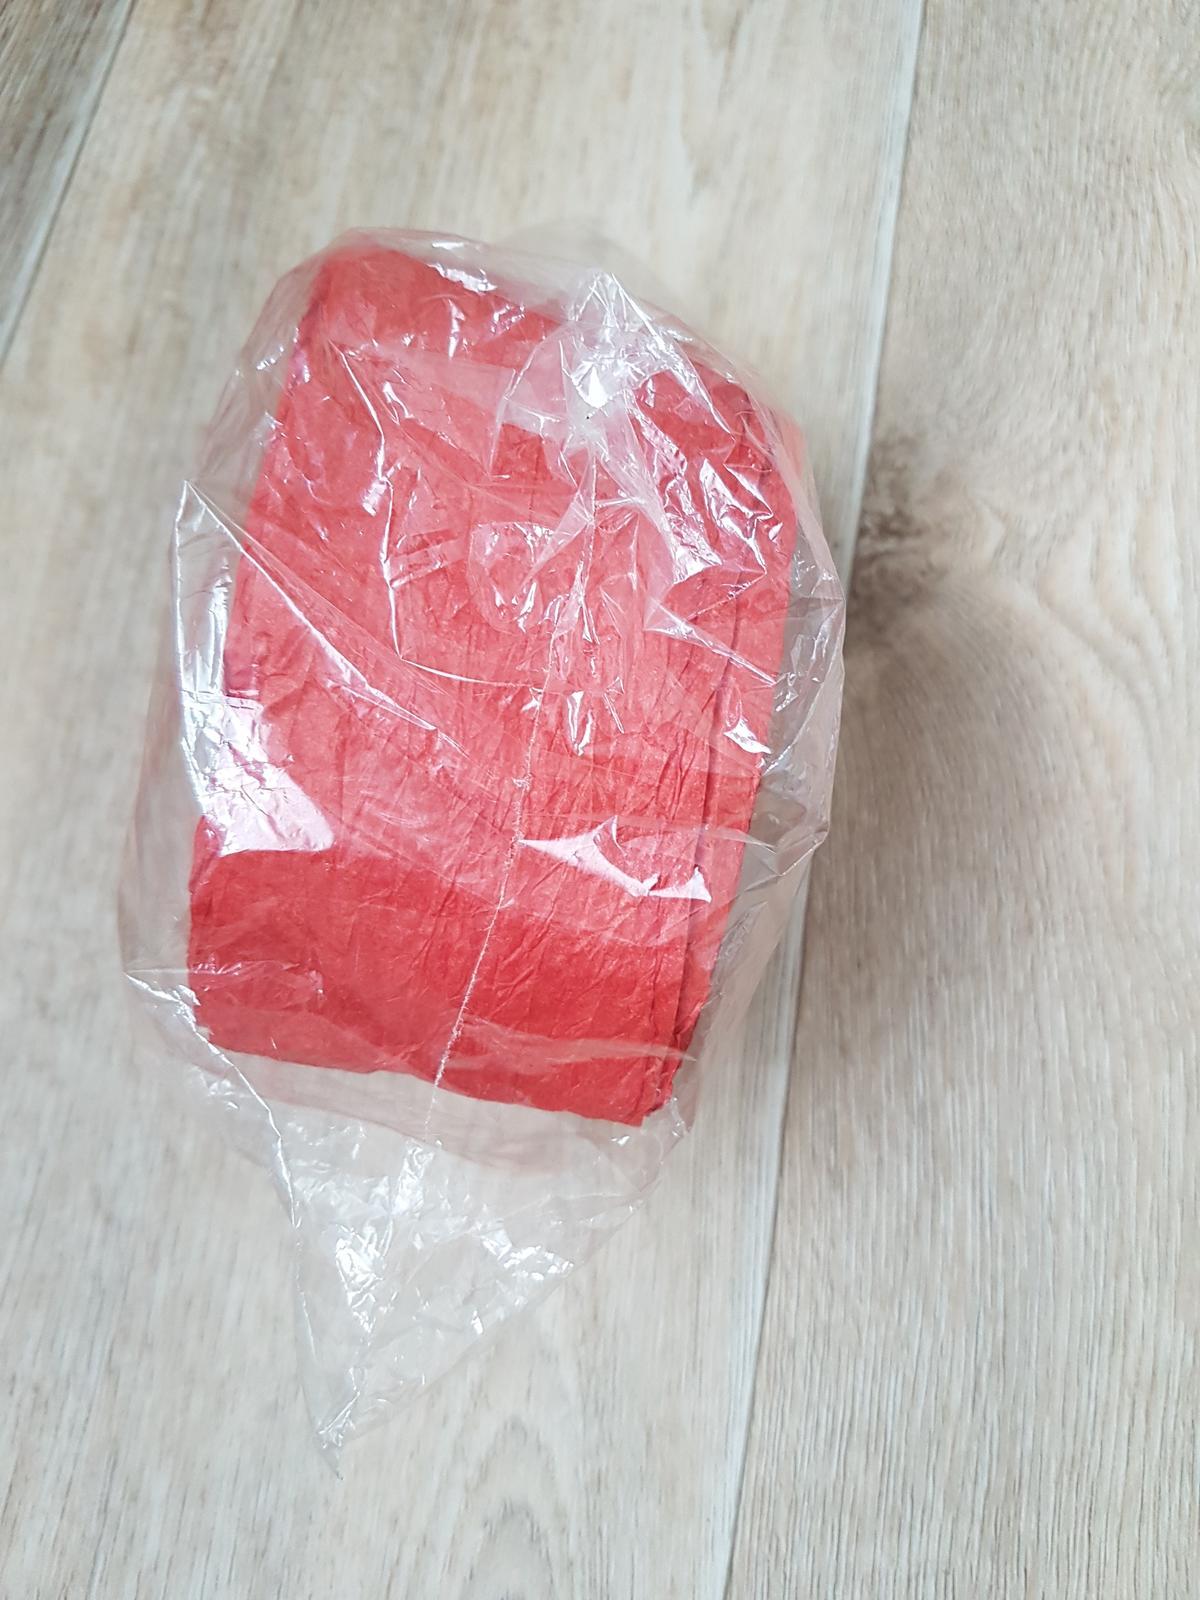 Papirova masle - Obrázek č. 2